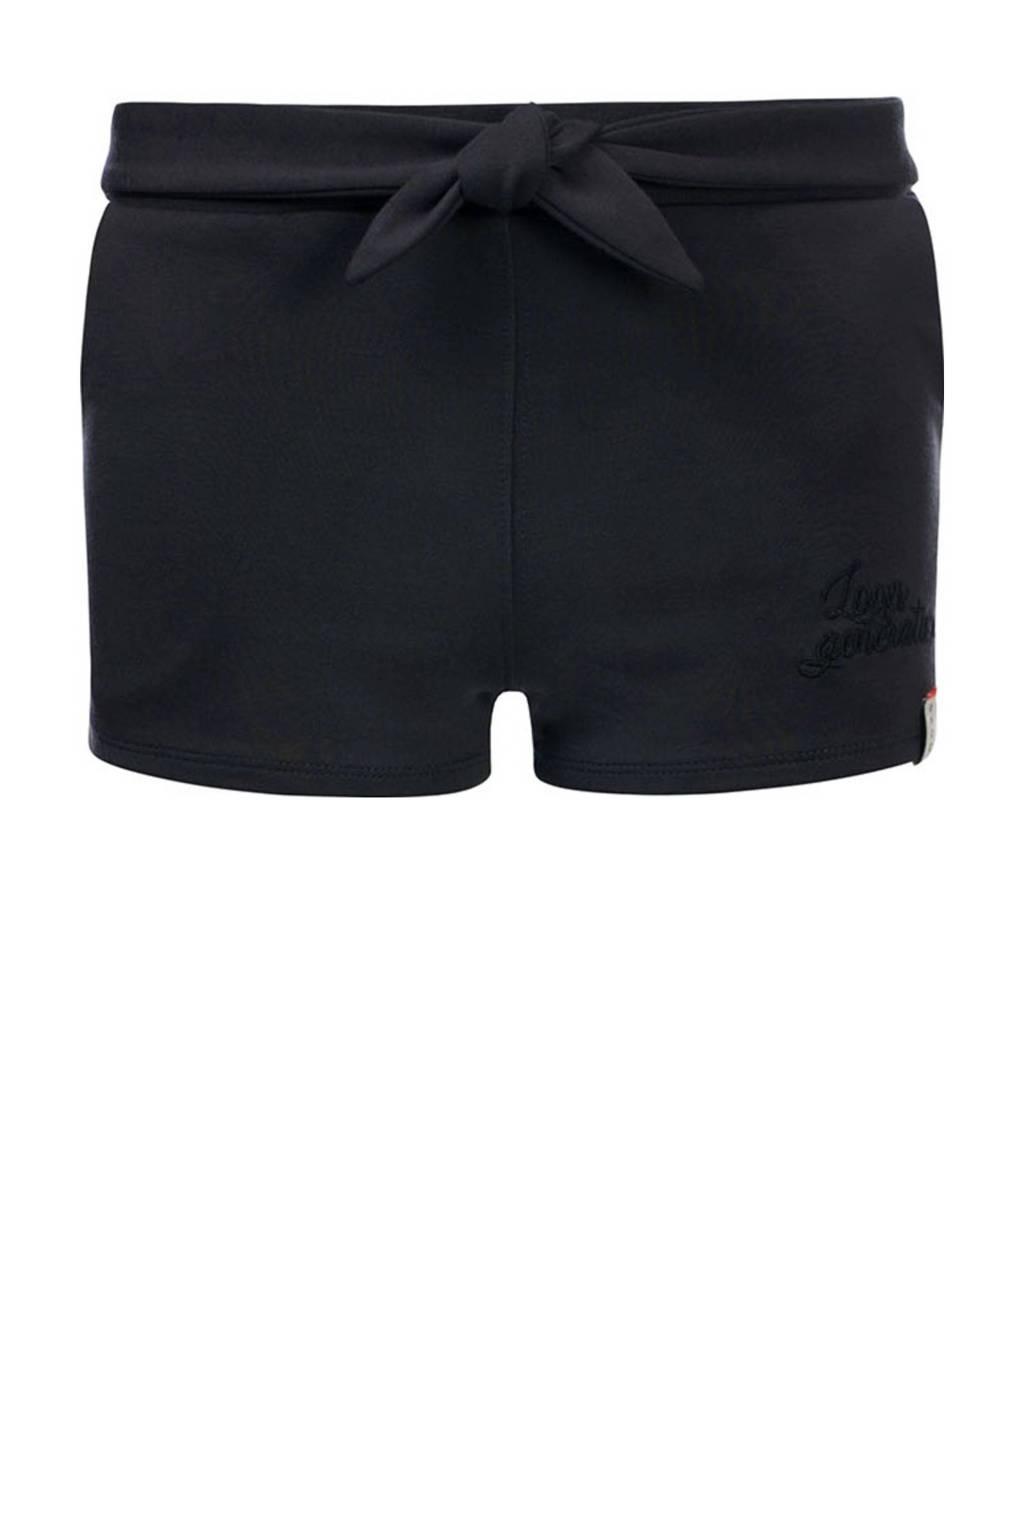 LOOXS 10sixteen slim fit short met zijstreep zwart/wit, Zwart/wit